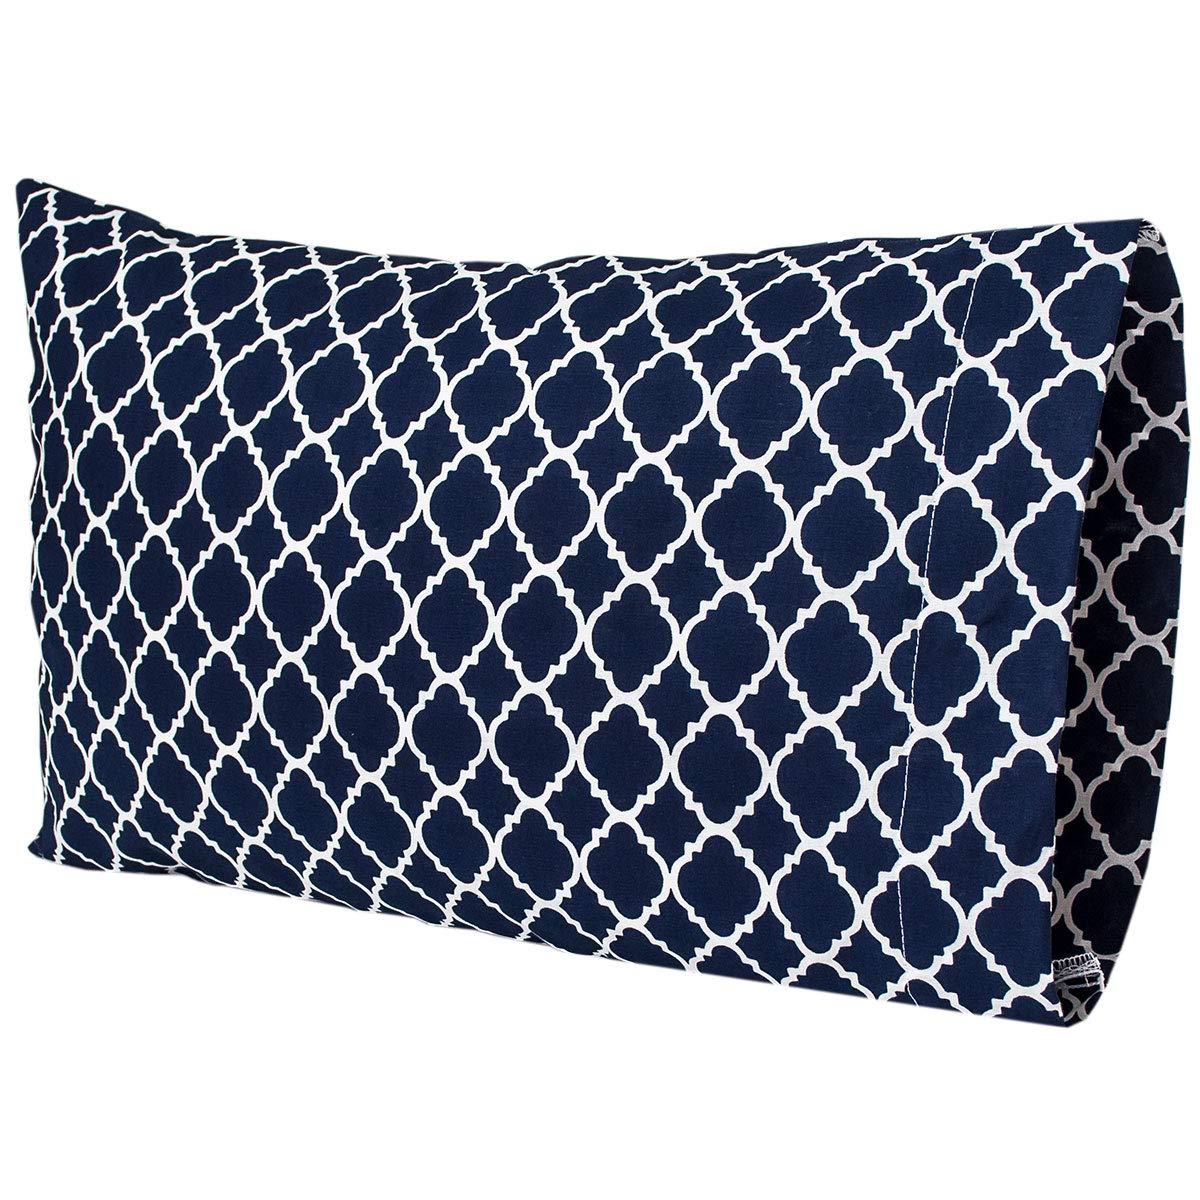 Inexpensive Navy Travel Toddler Max 87% OFF Pillowcase Quatrefoil Design Lattice 14x21